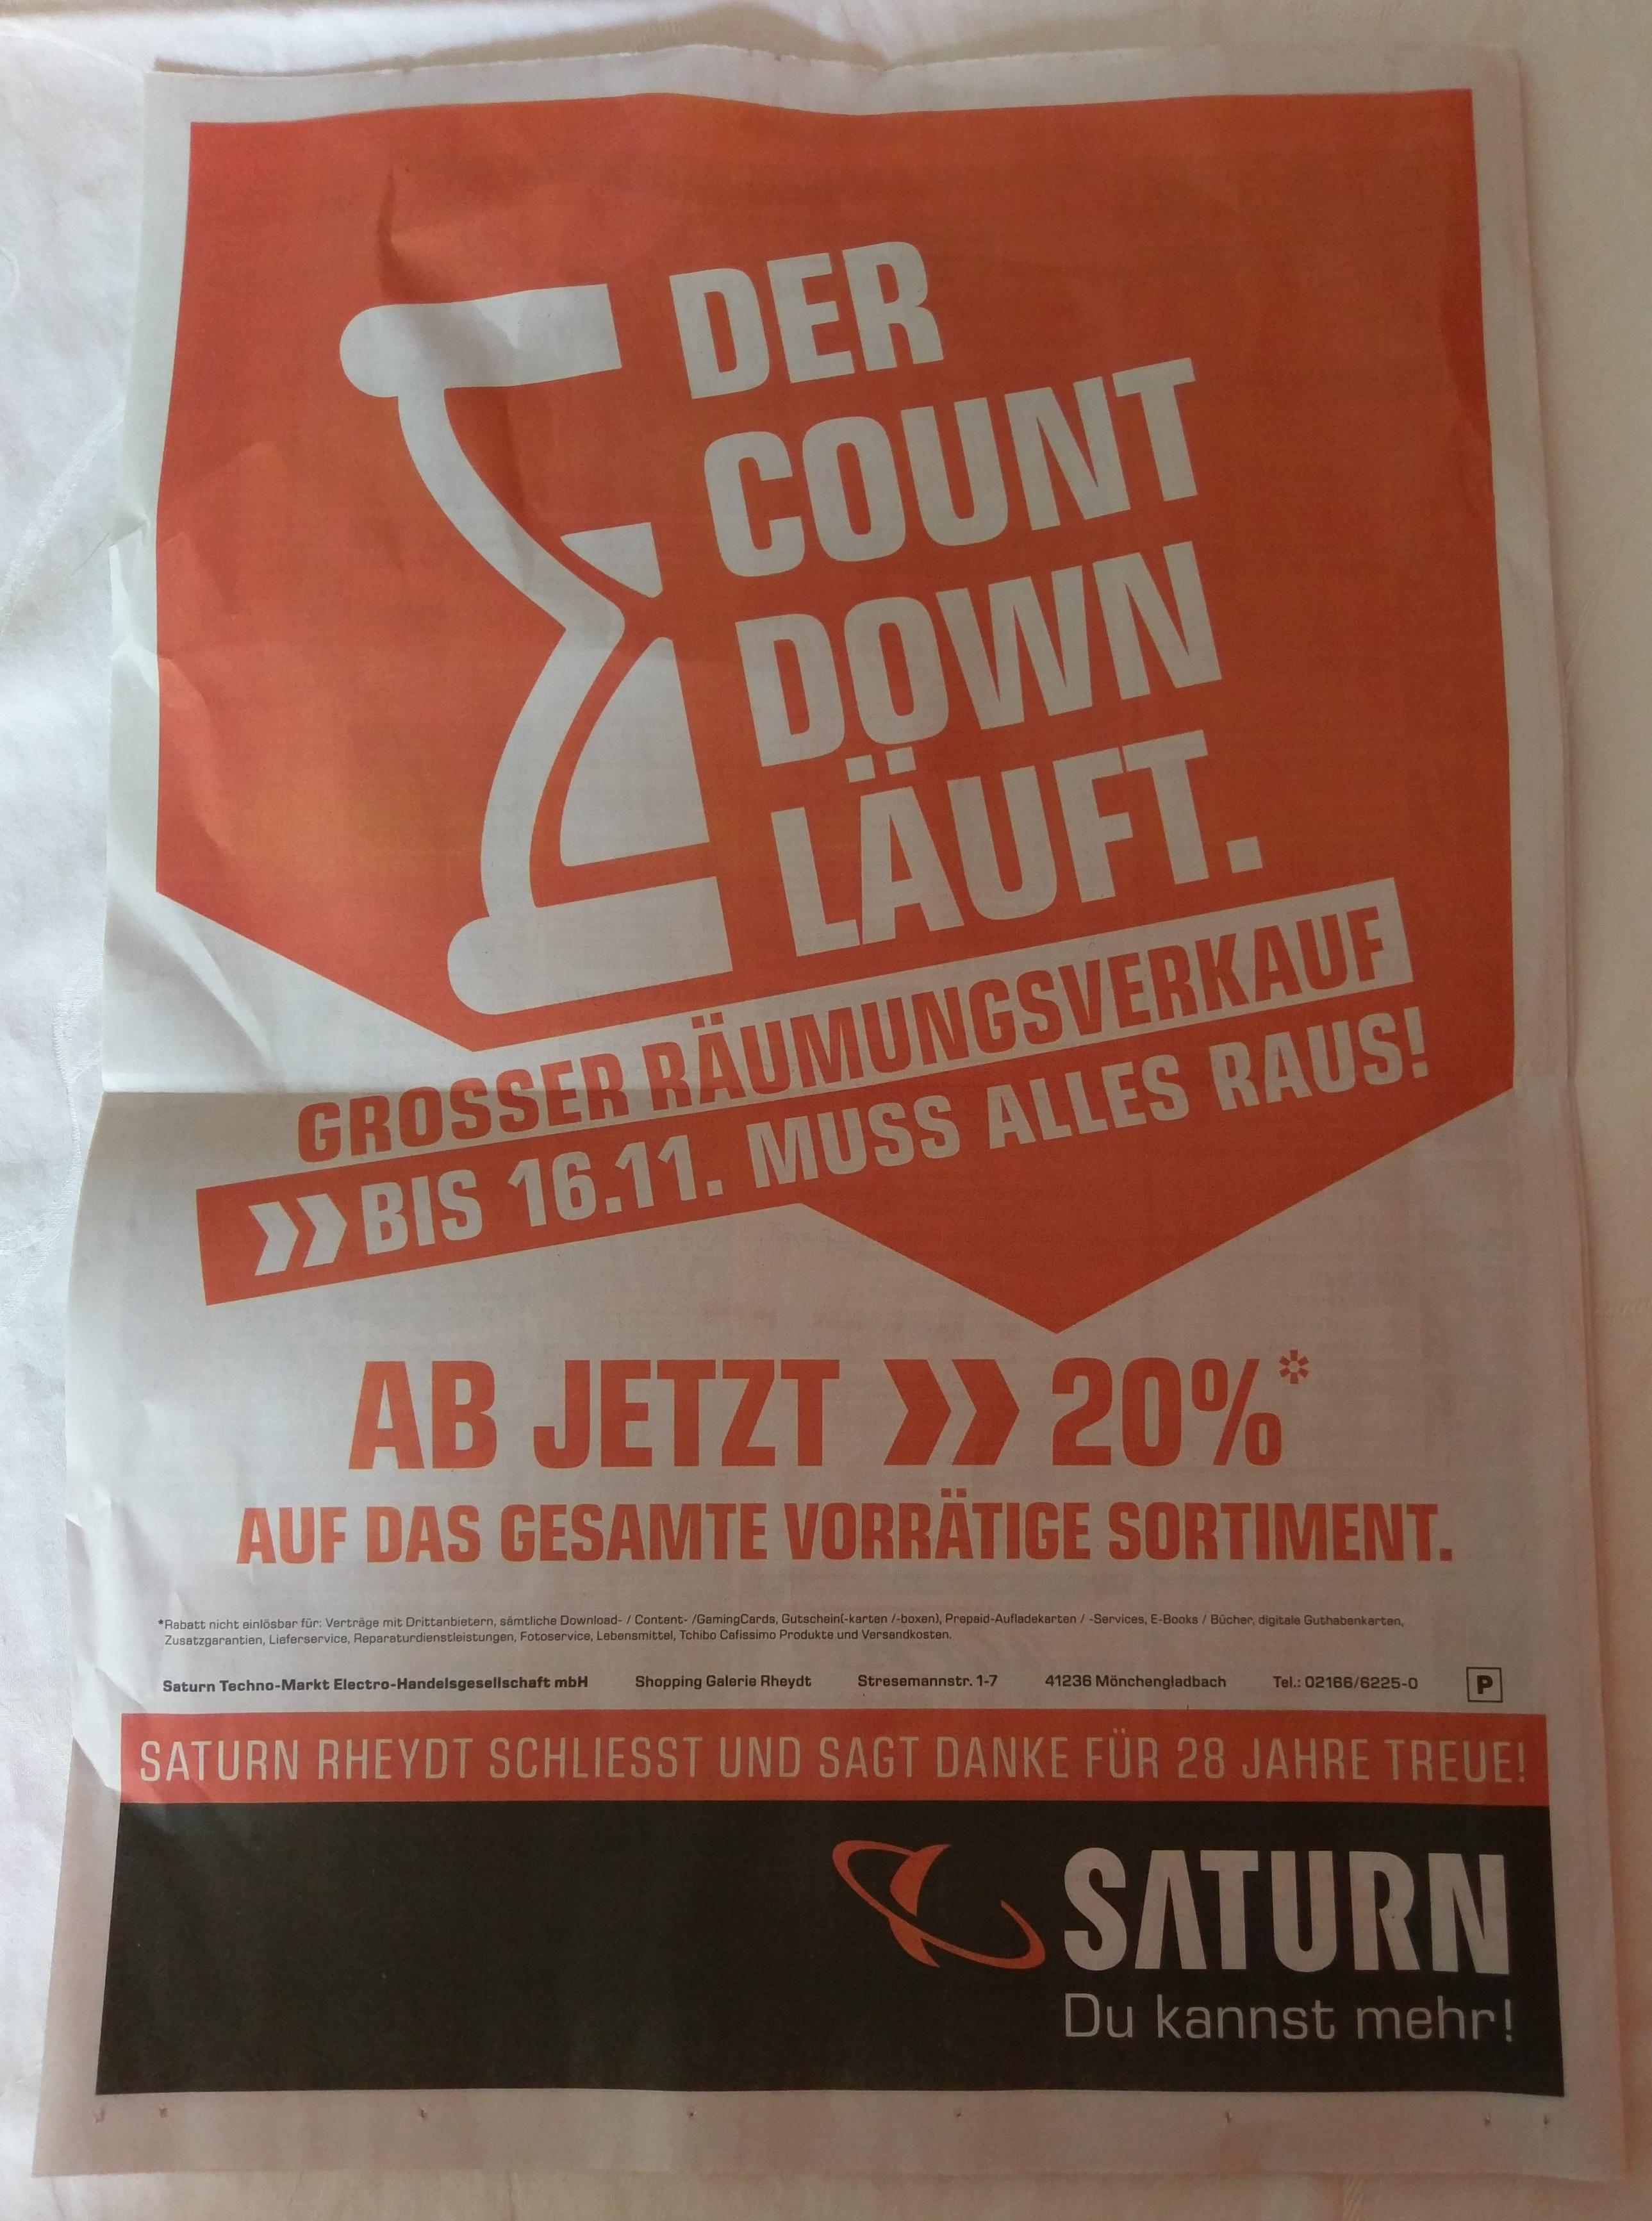 (LOKAL) *UPDATE* Räumungsverkauf SATURN Mönchengladbach-Rheydt - 20% ab sofort auf das gesamte Sortiment